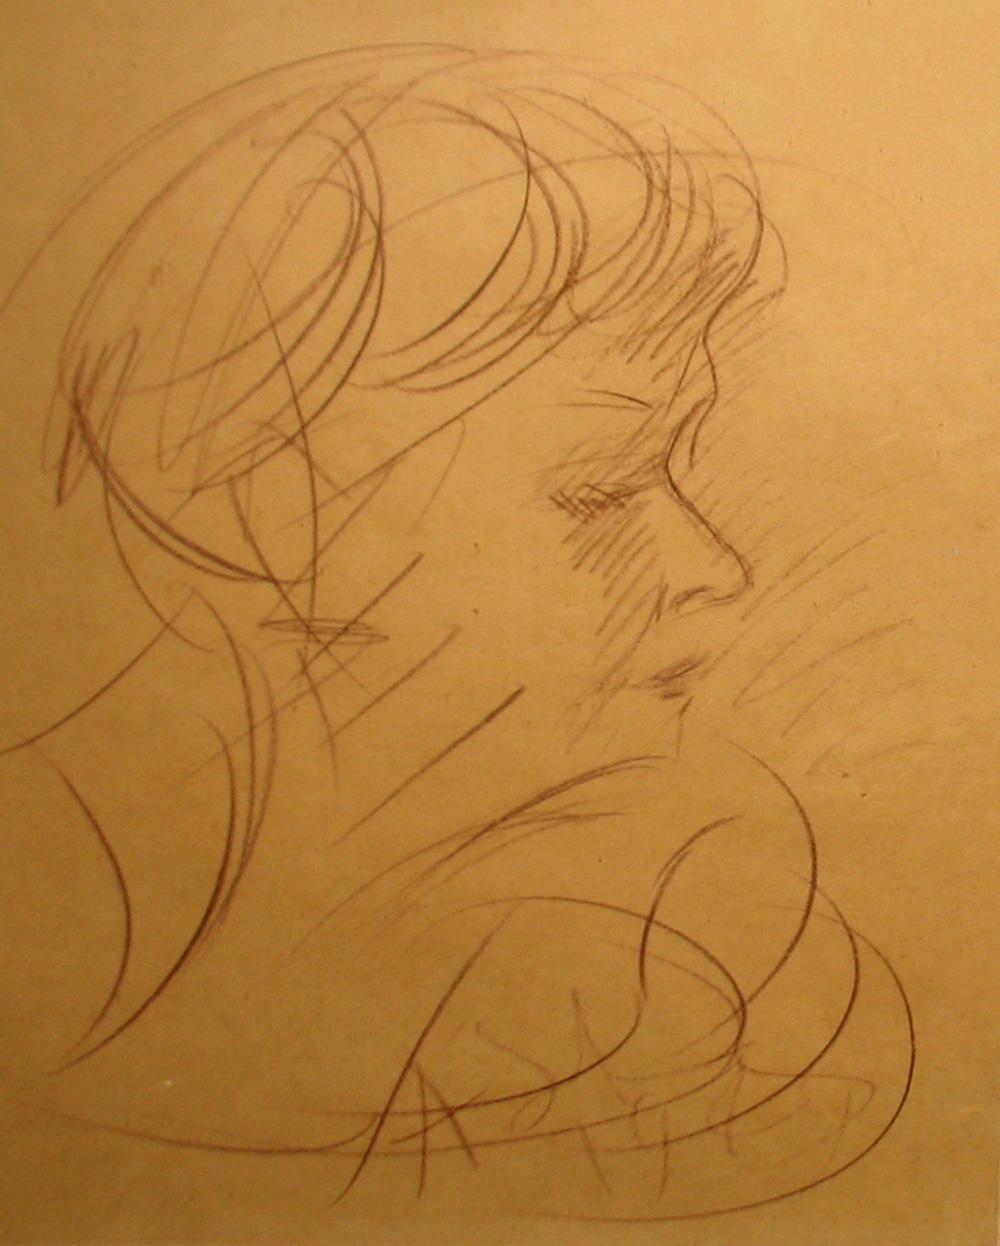 Женский портрет 4